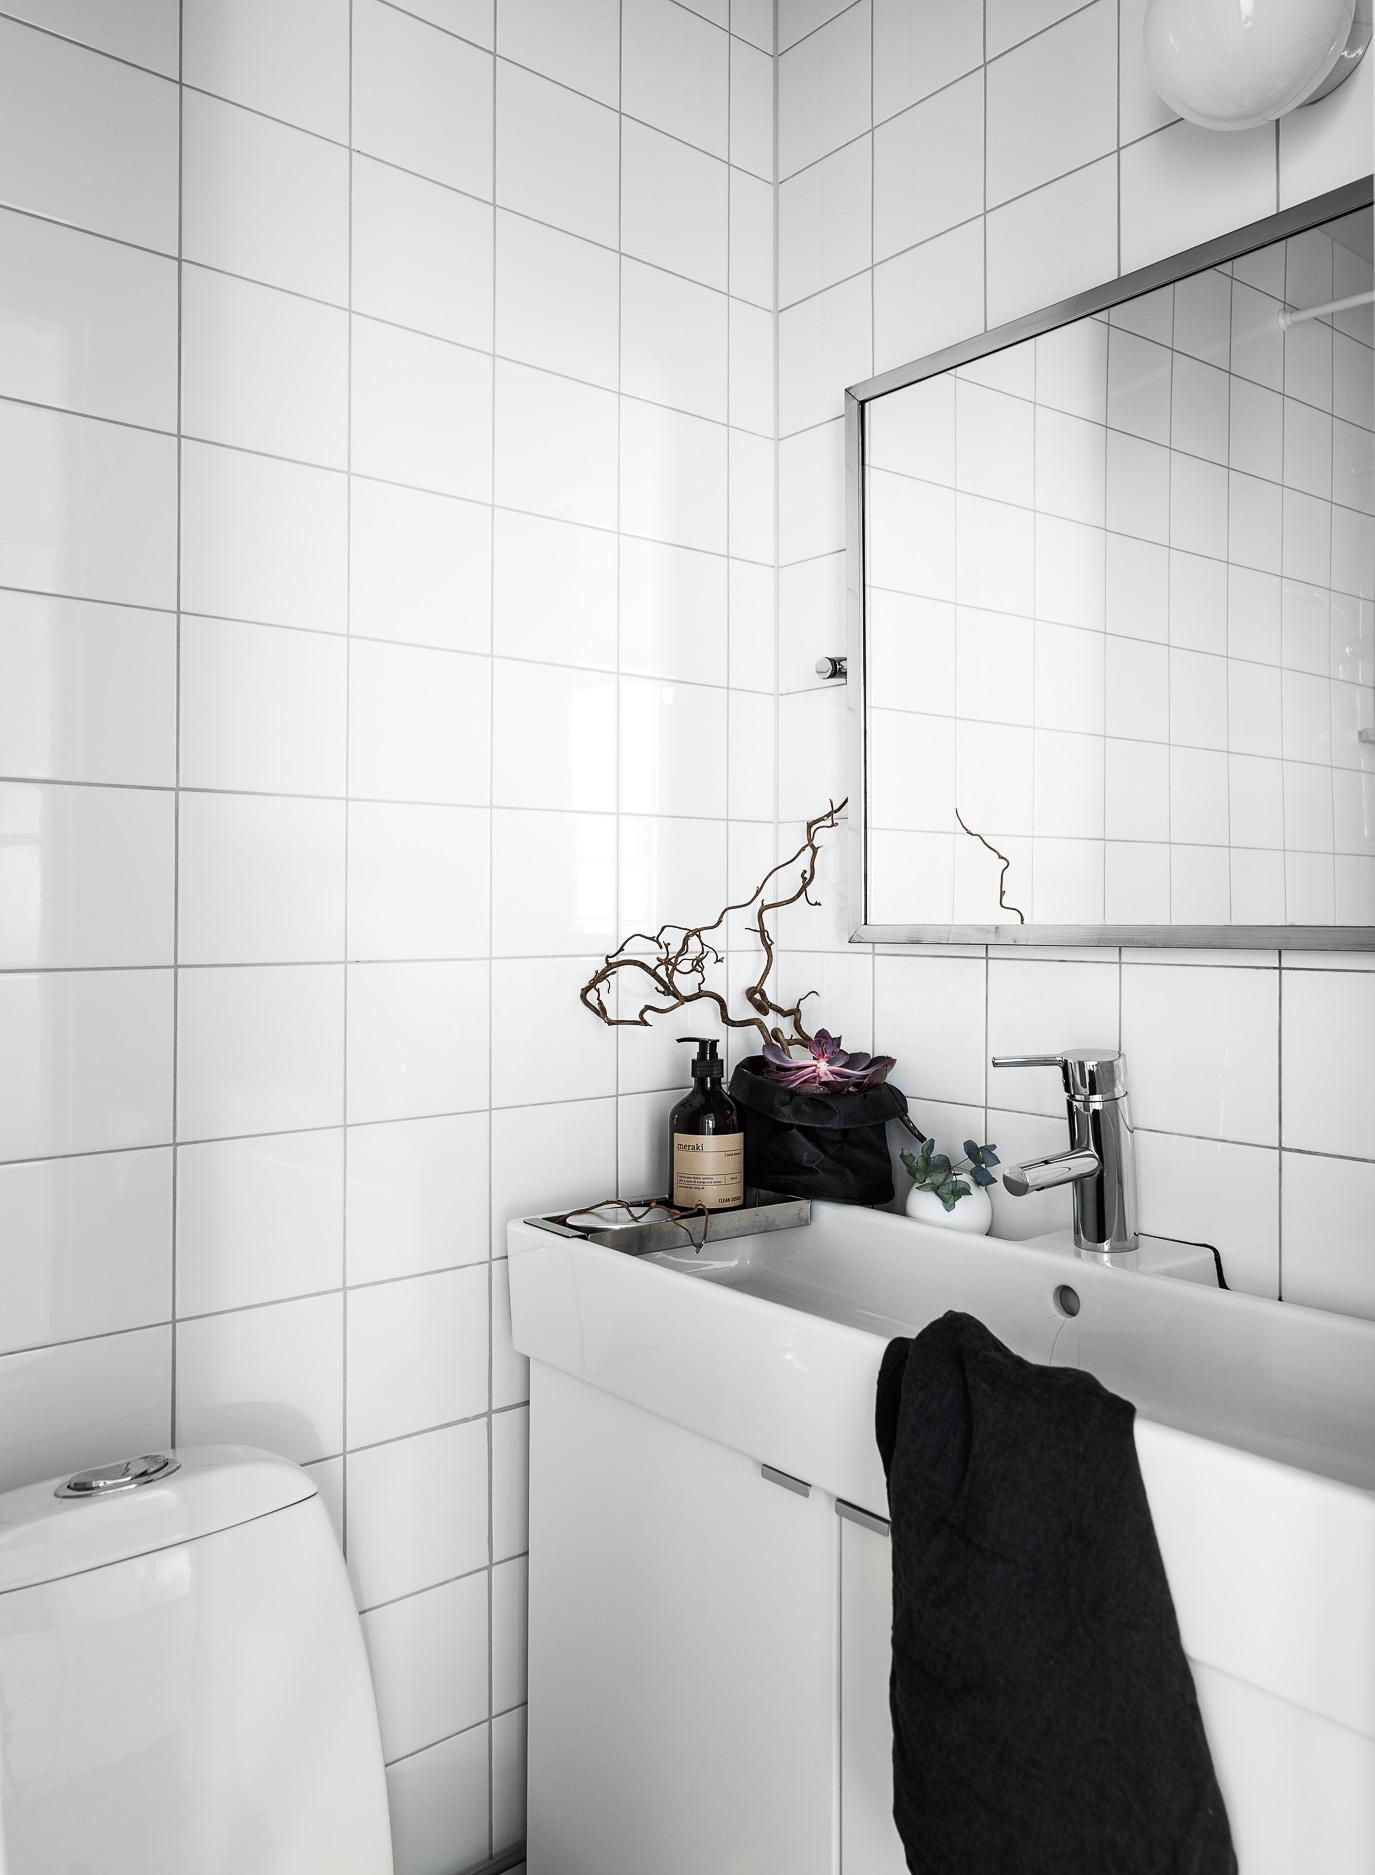 санузел раковина комод зеркало квадратная белая плитка